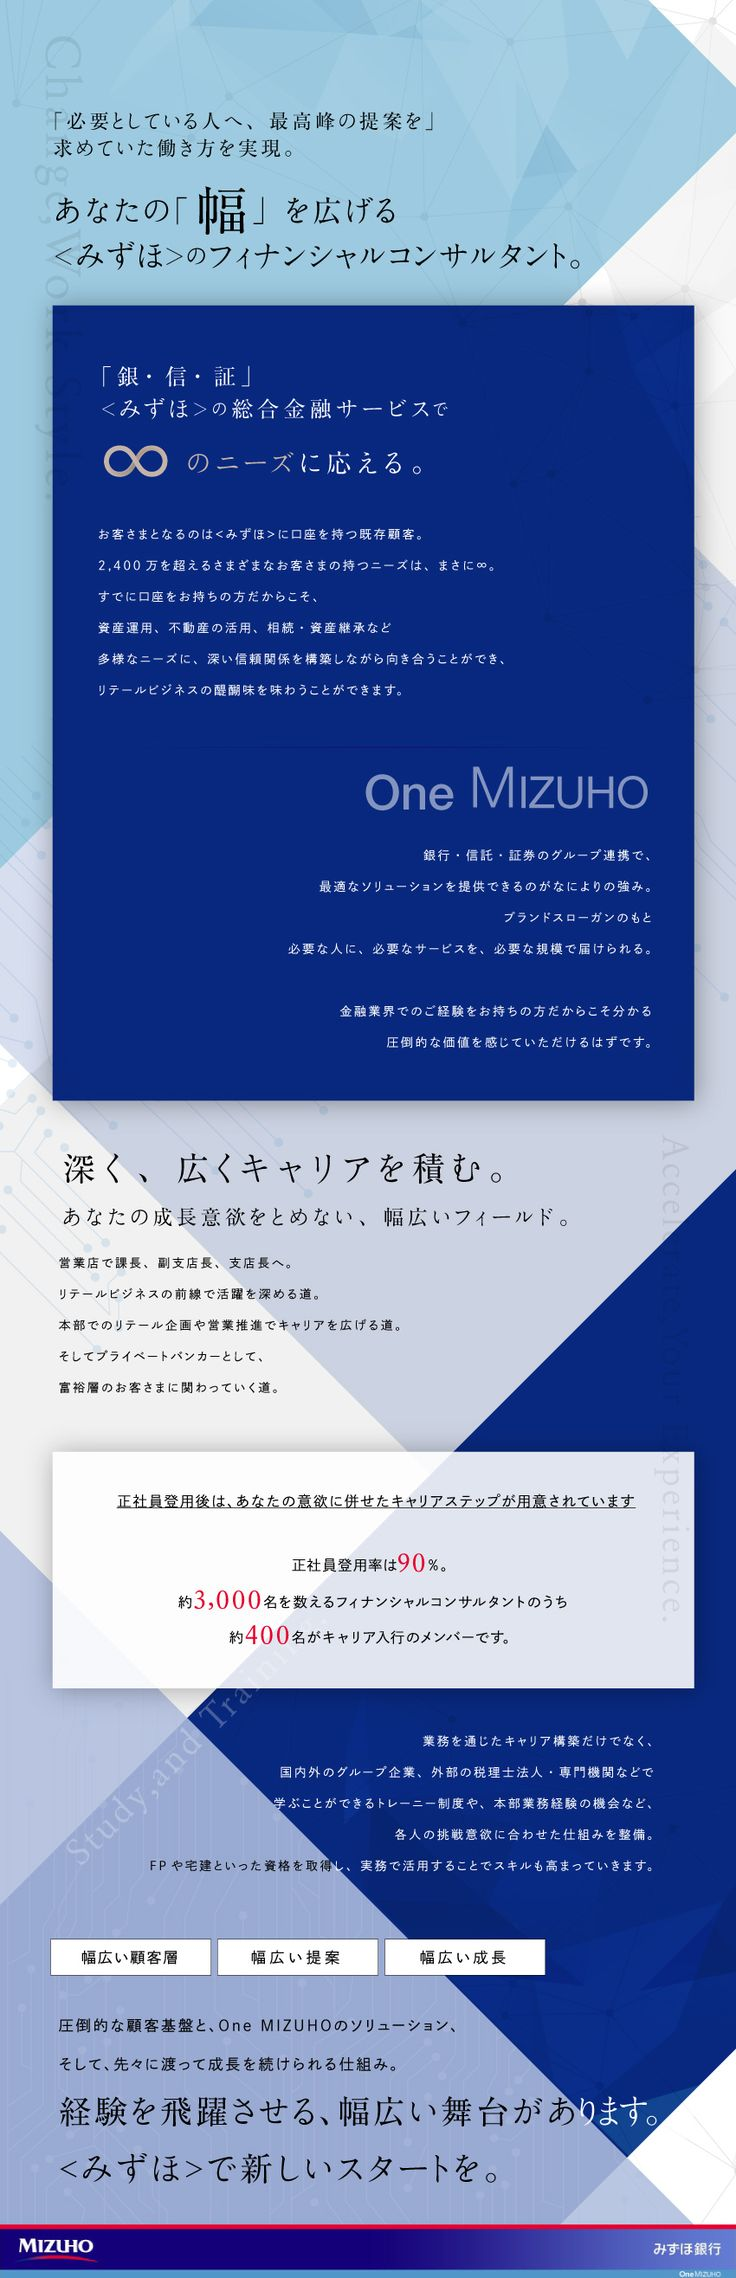 株式会社みずほ銀行 (Mizuho Bank, Ltd.)/フィナンシャルコンサルタント(個人営業)/【10月23日(日)】キャリア採用セミナー開催の求人PR - 転職ならDODA(デューダ)